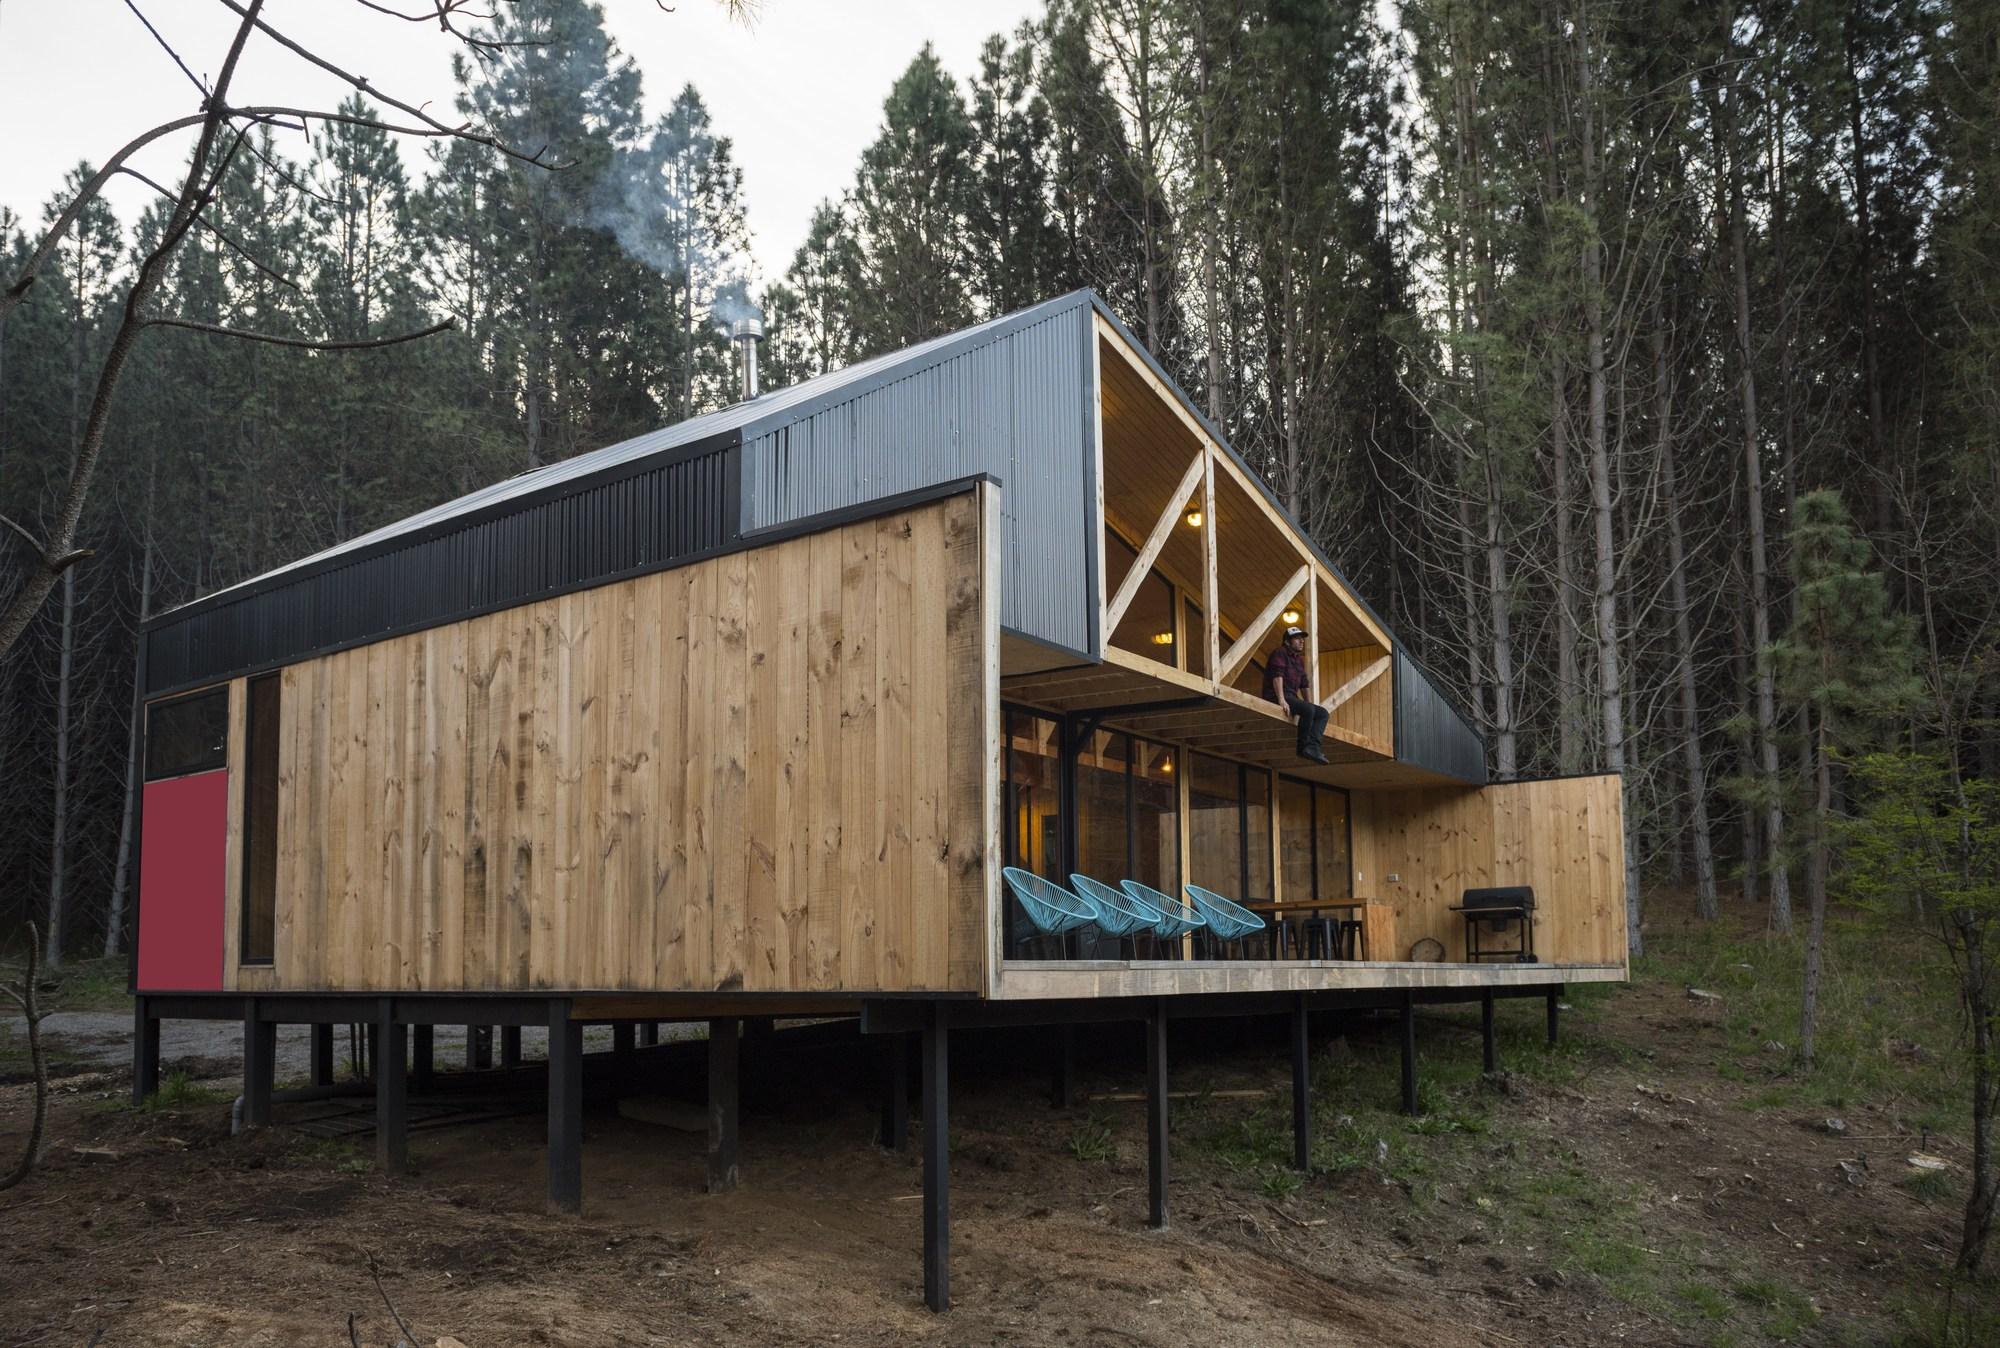 Casa la quimera ruca proyectos plataforma arquitectura for Casa rural mansion de la plata penacaballera